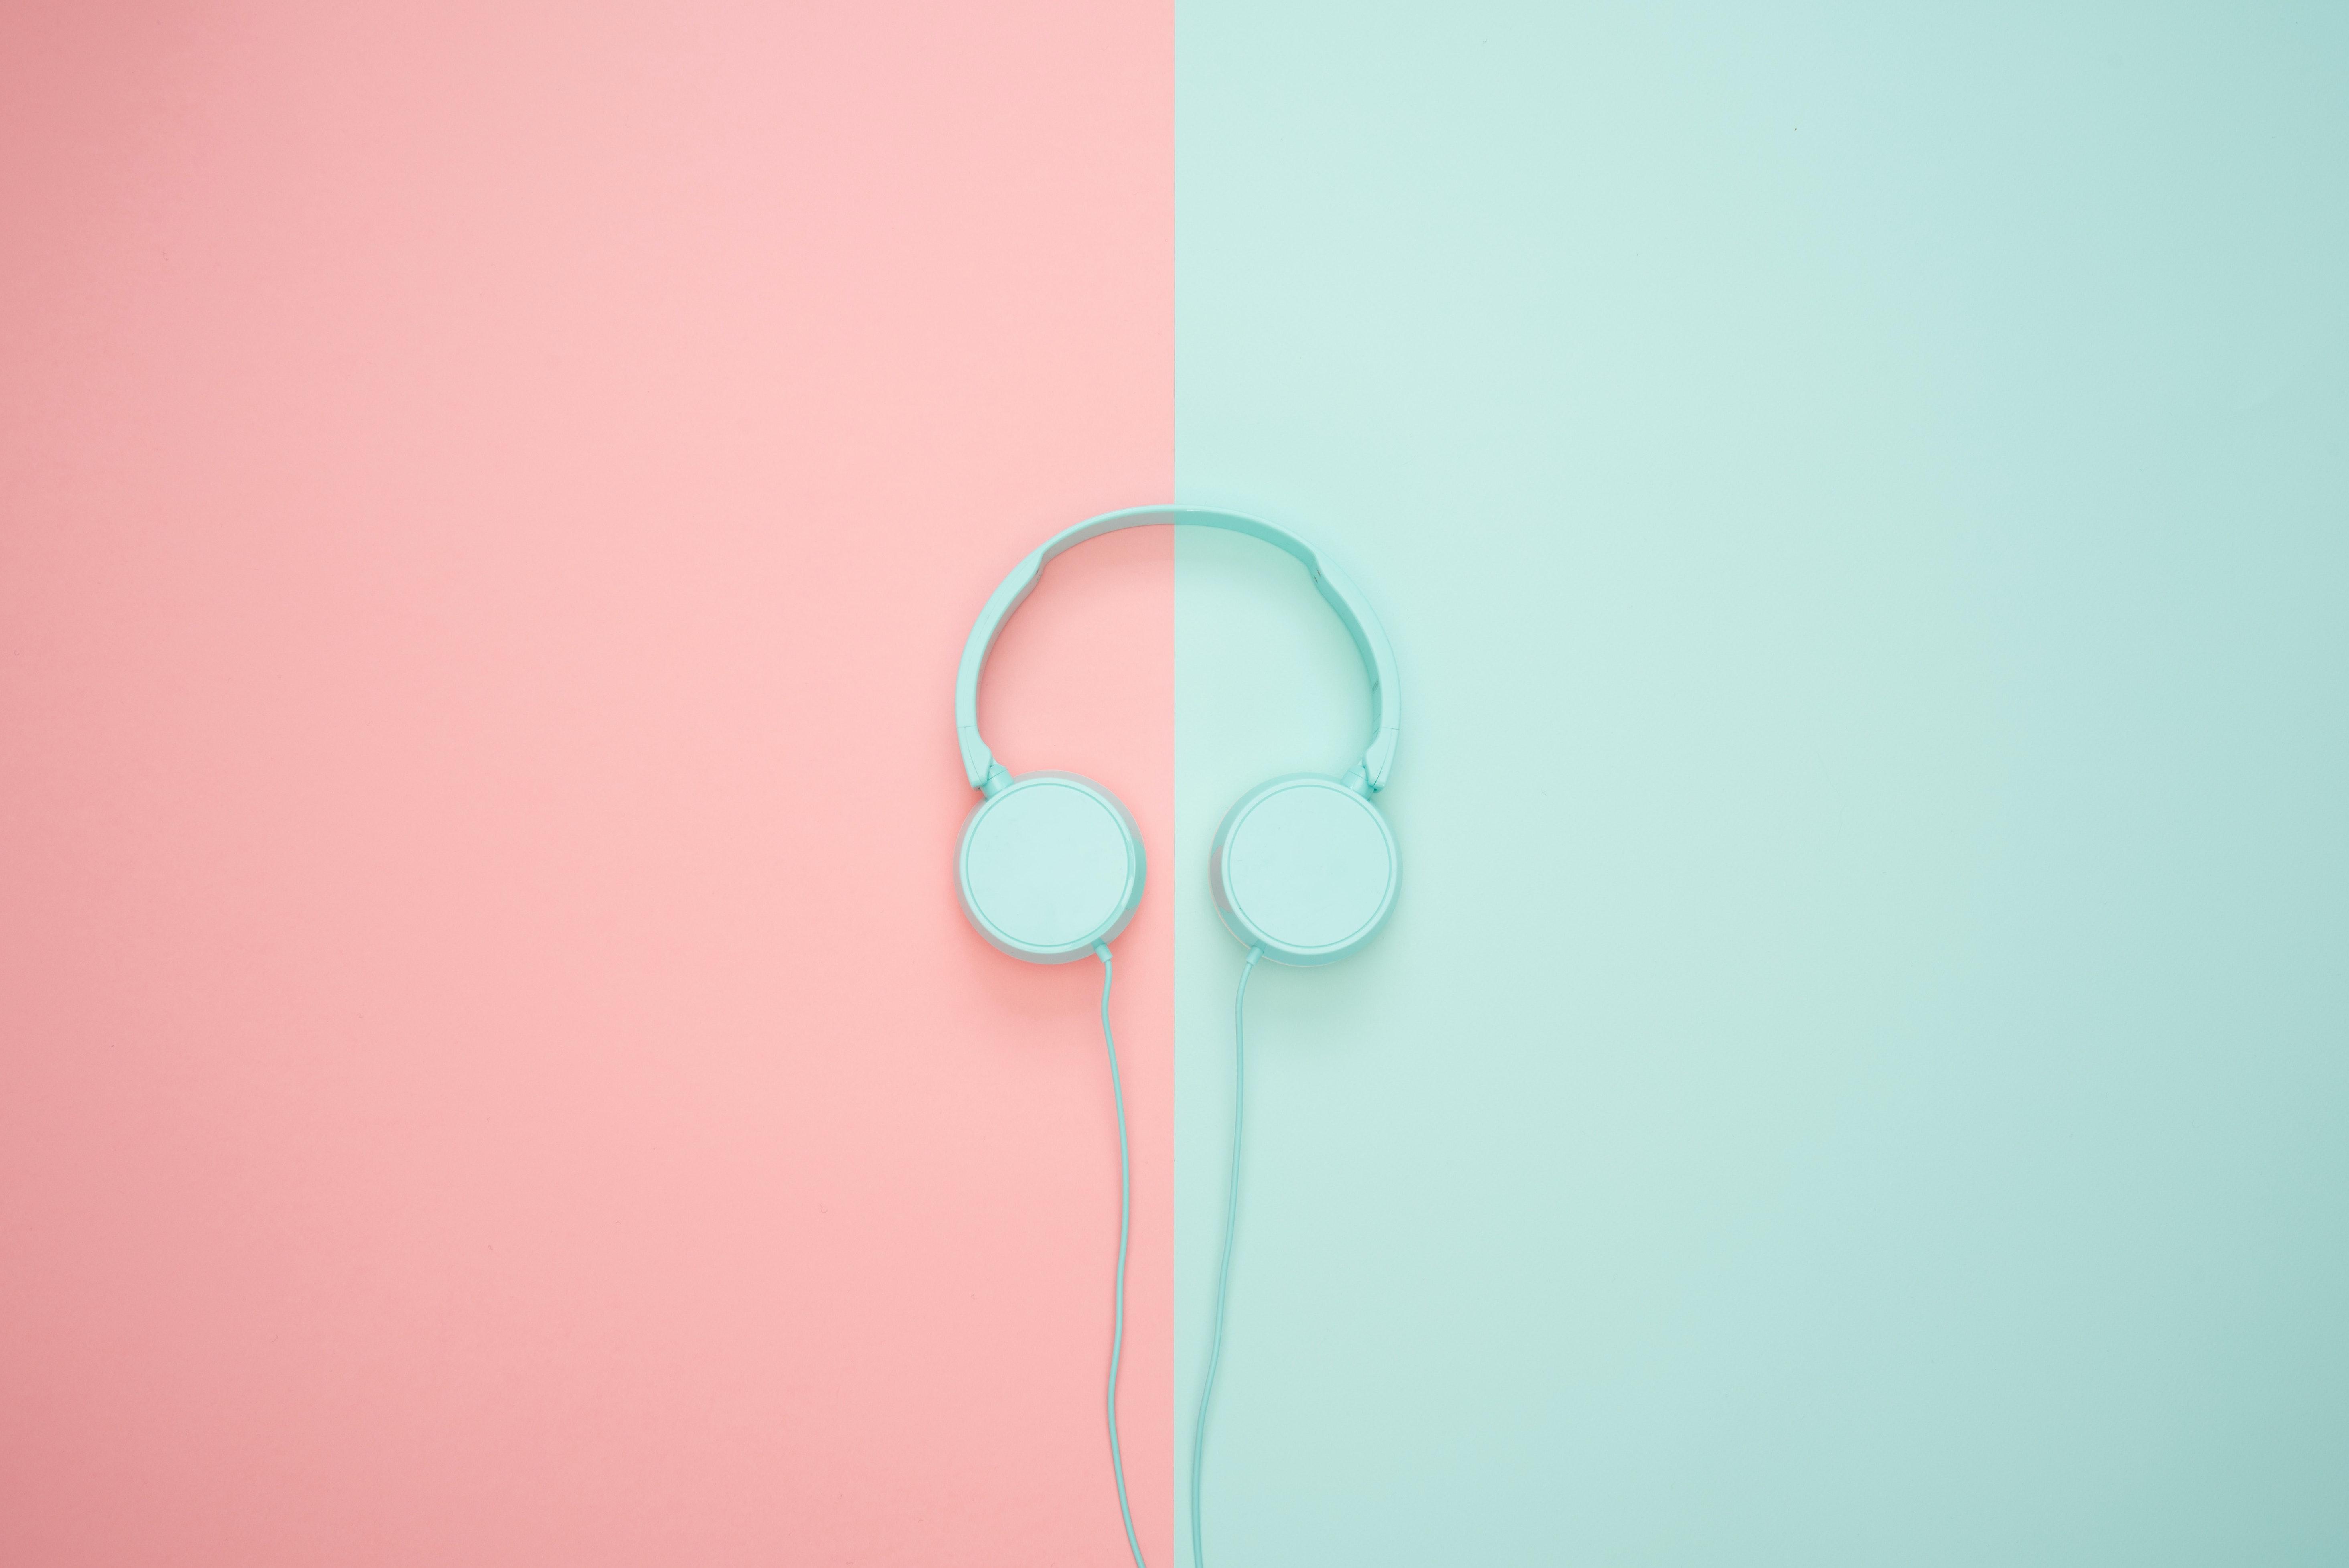 Principales tendencias del audiolibro en España y Latinoamérica